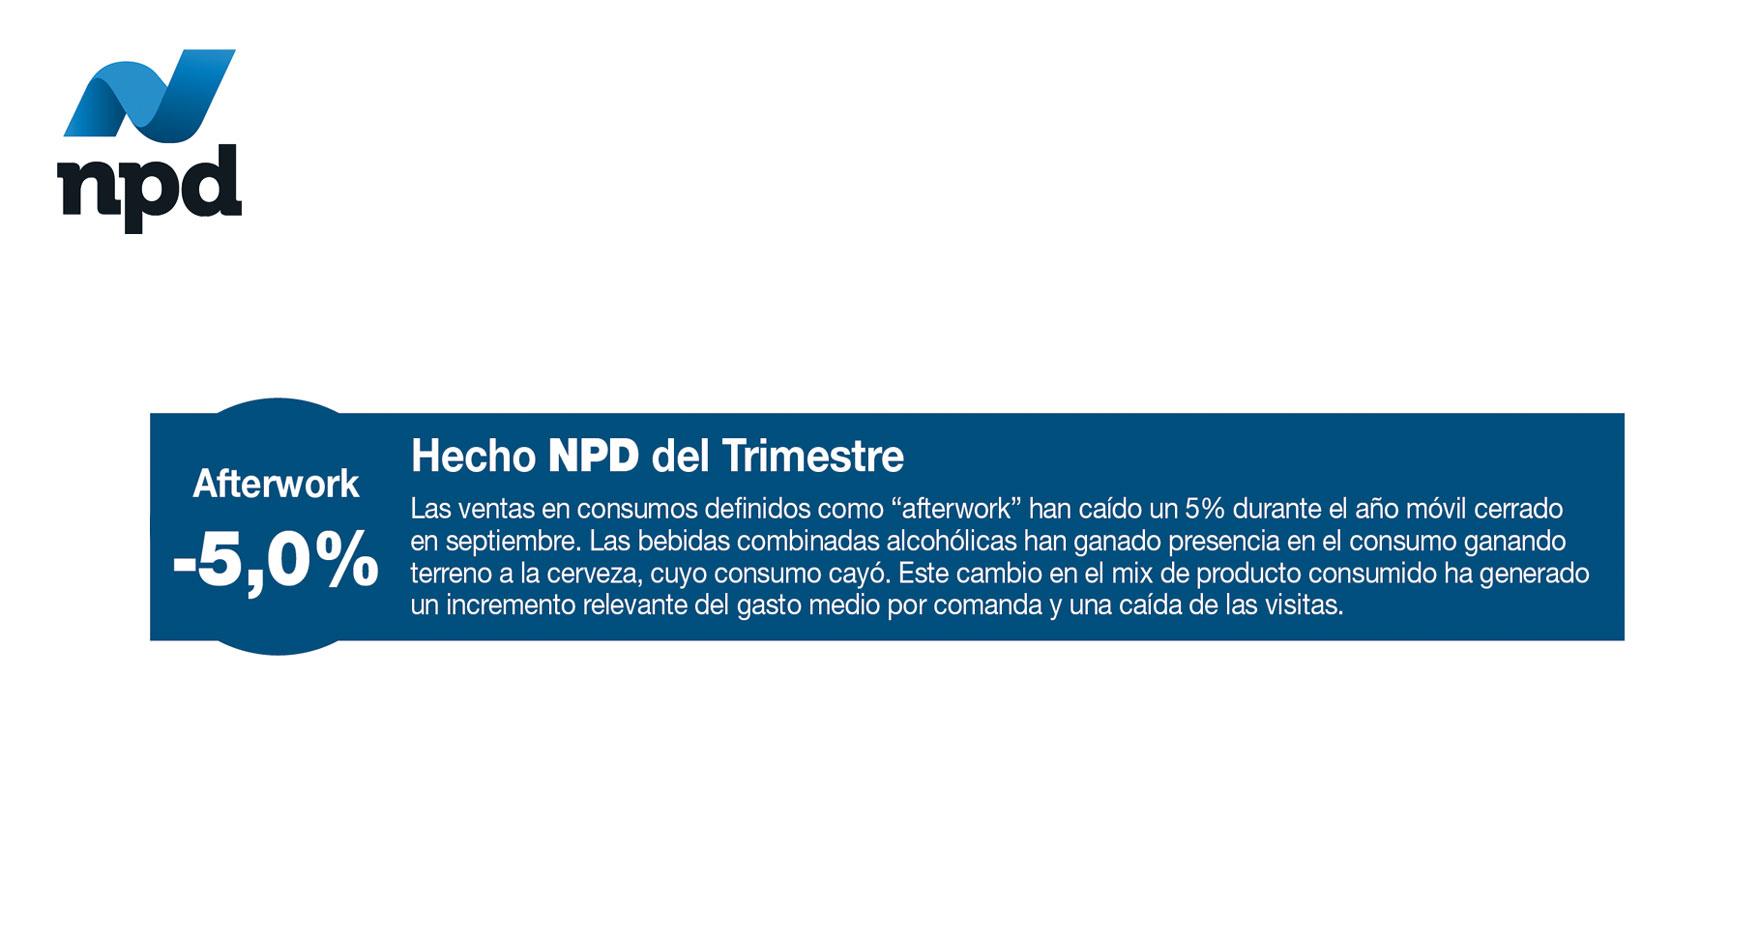 Hecho NPD del trimestre